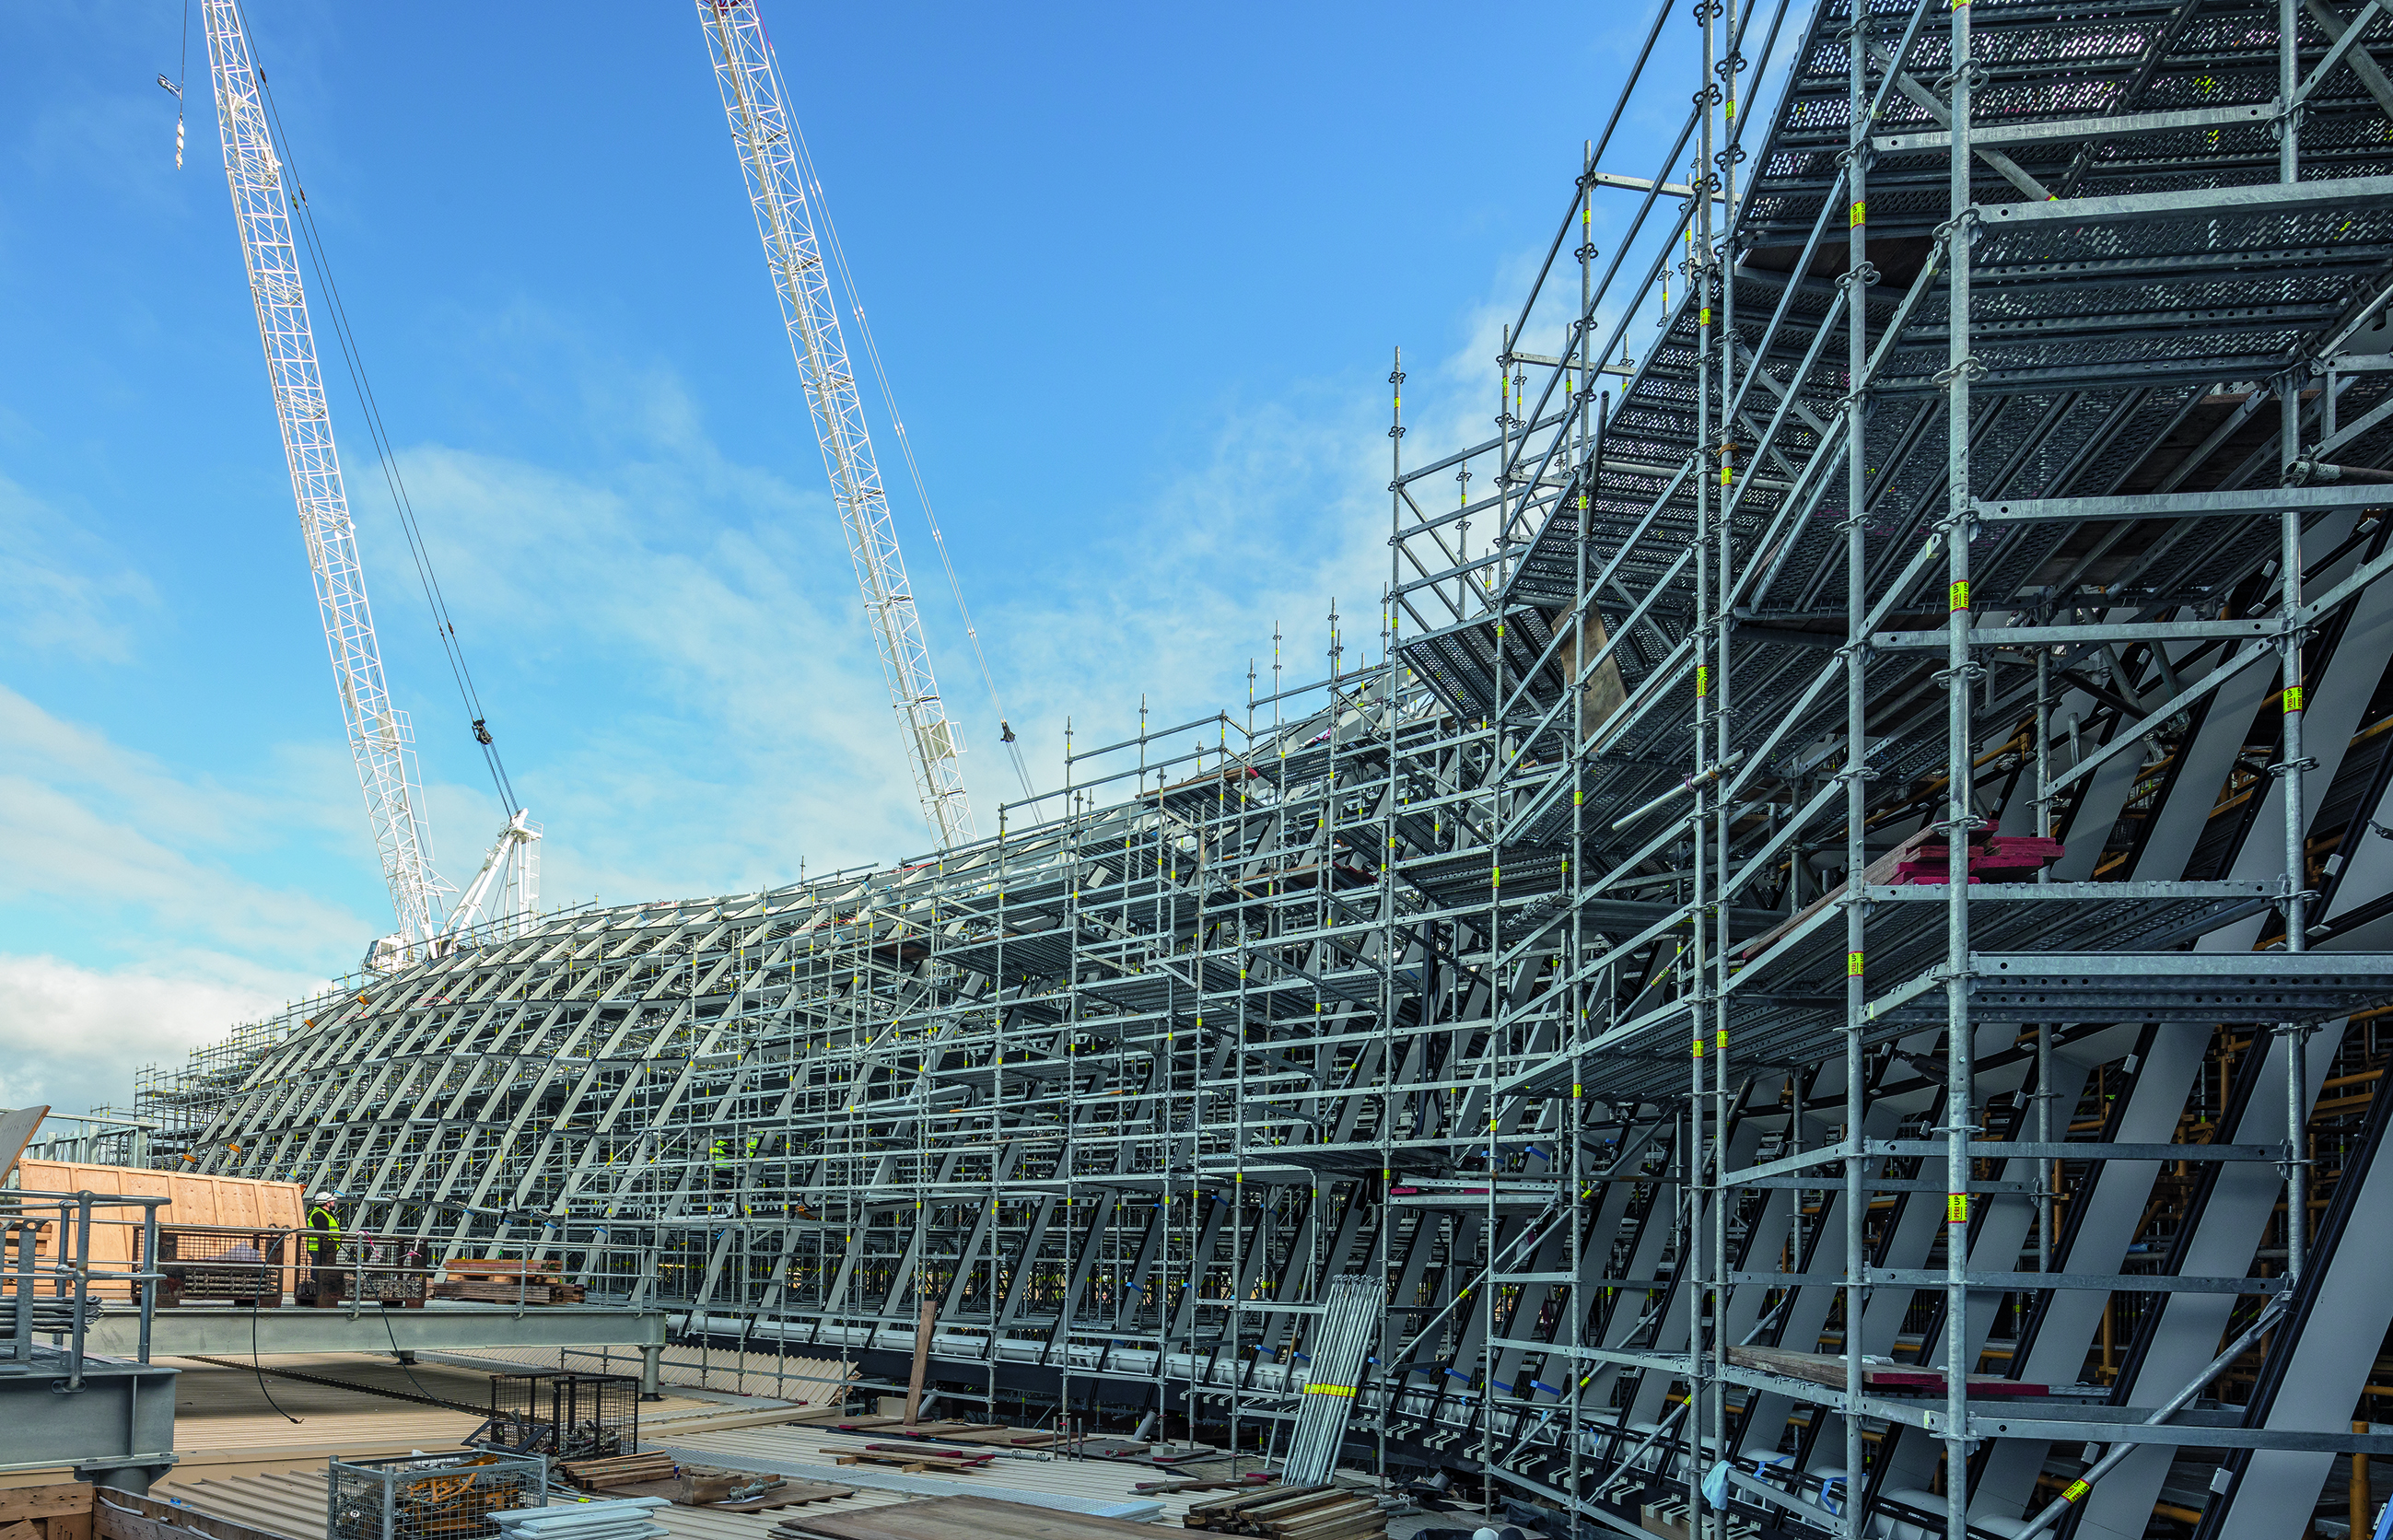 Das Modulgerüst PERIUP Flex ließ sich der komplex geformten Glasdachkonstruktion anpassen: Jeder Arbeitsplatz konnte bestens erreicht werden, jeder Lastabtrag war optimal geplant.